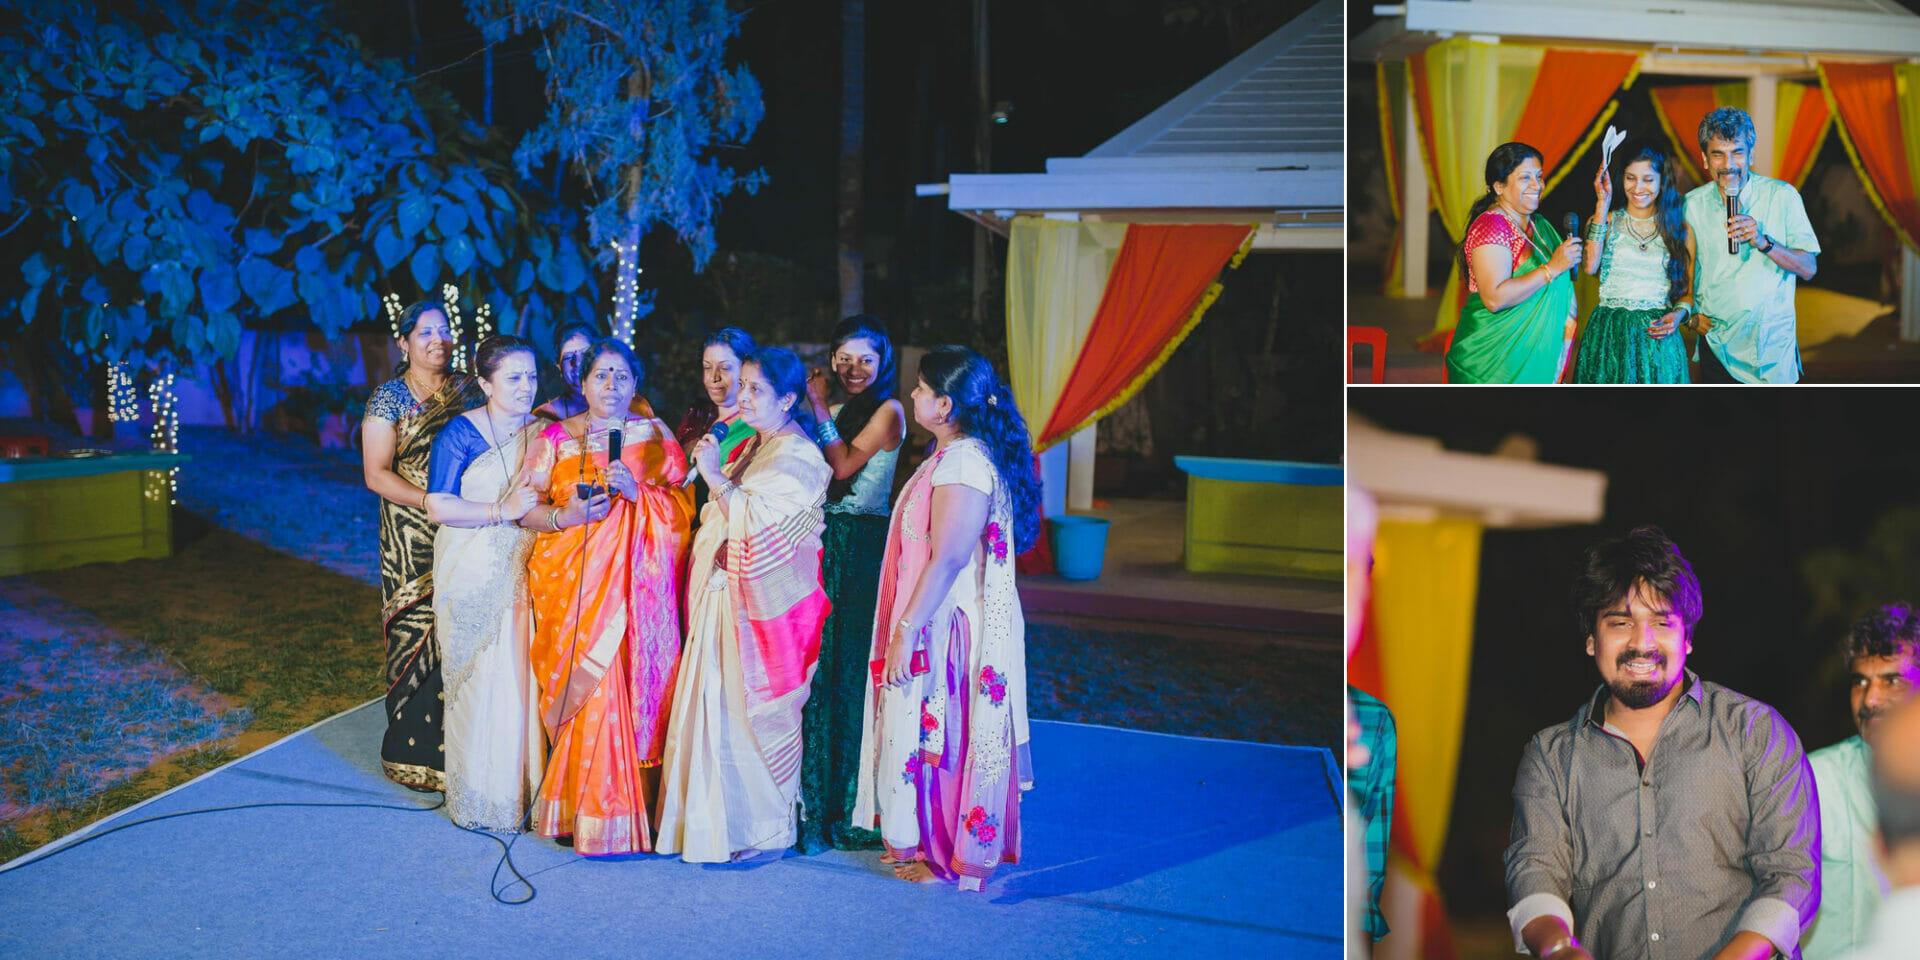 shruti annayya sree vikash photography mehandi sangeeth kalathur gardens 19